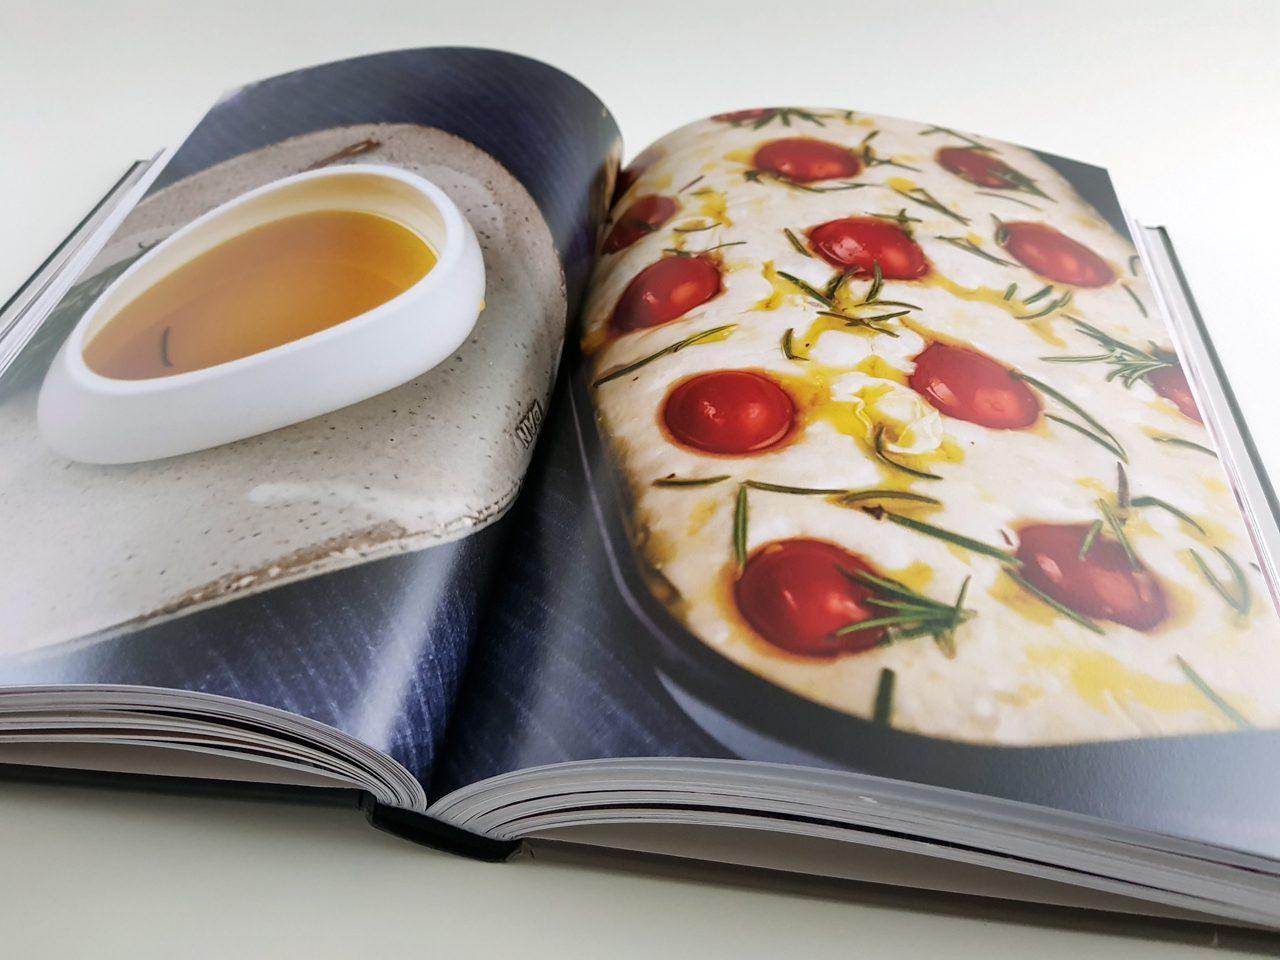 Noch verrückter nach Sauerteig Unimedica Verlag aufgeschlagener Bildband